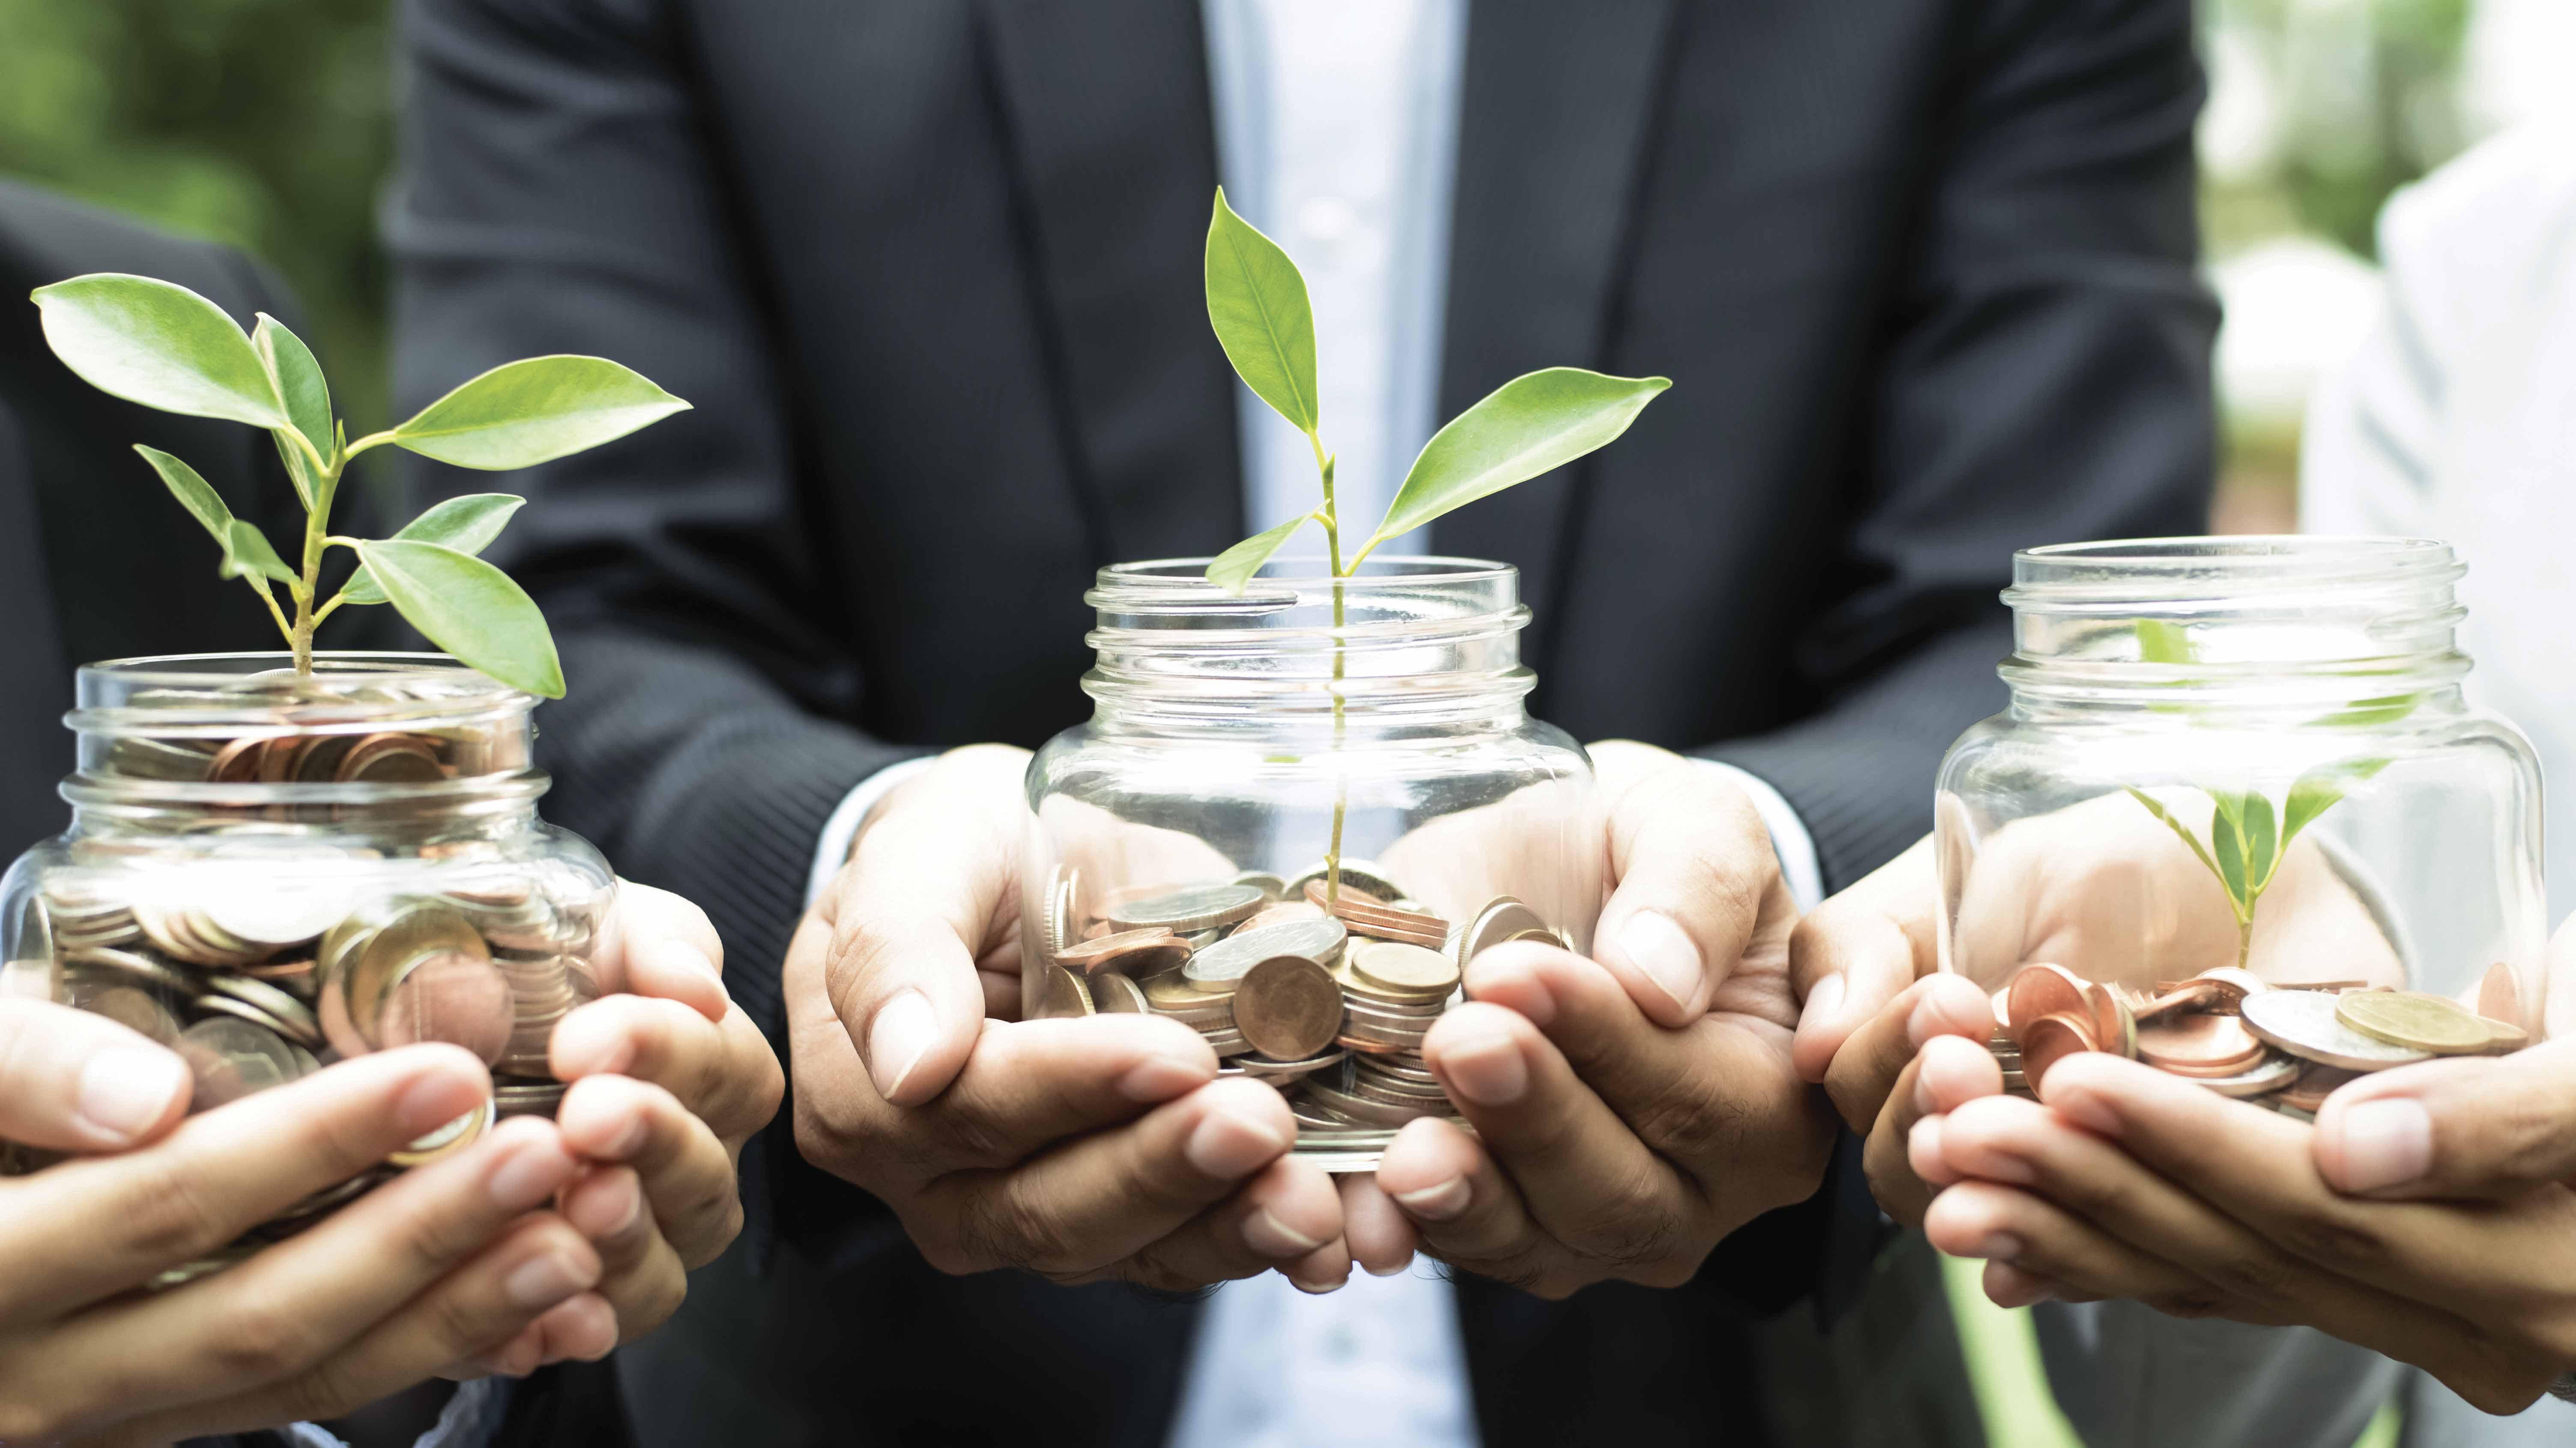 Inversiones sostenibles: aumenta el interés en el mercado local